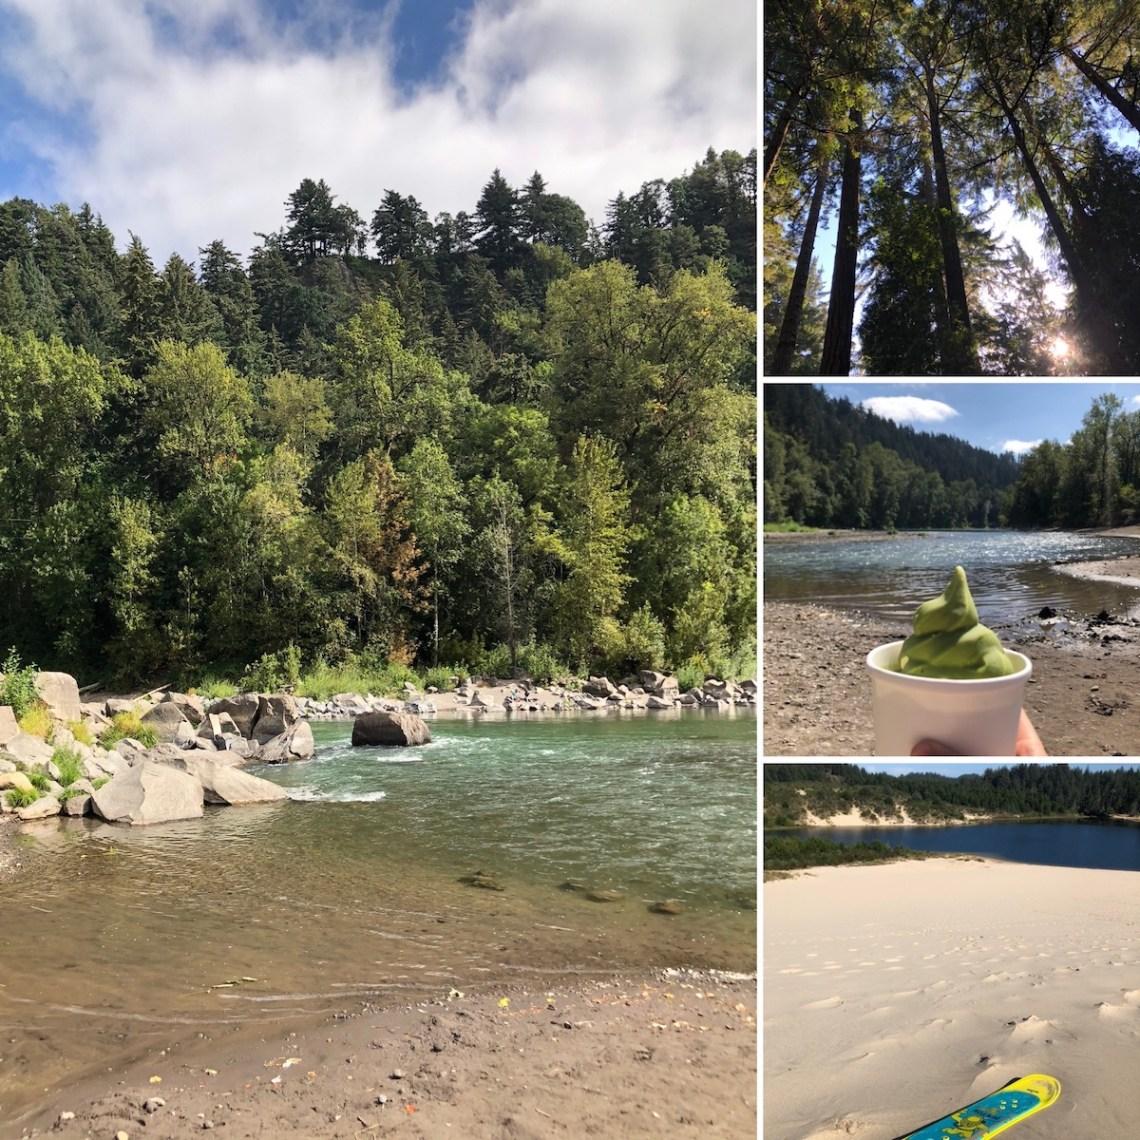 Sandy river sugar pine drivein, florence camping, cleowox lake